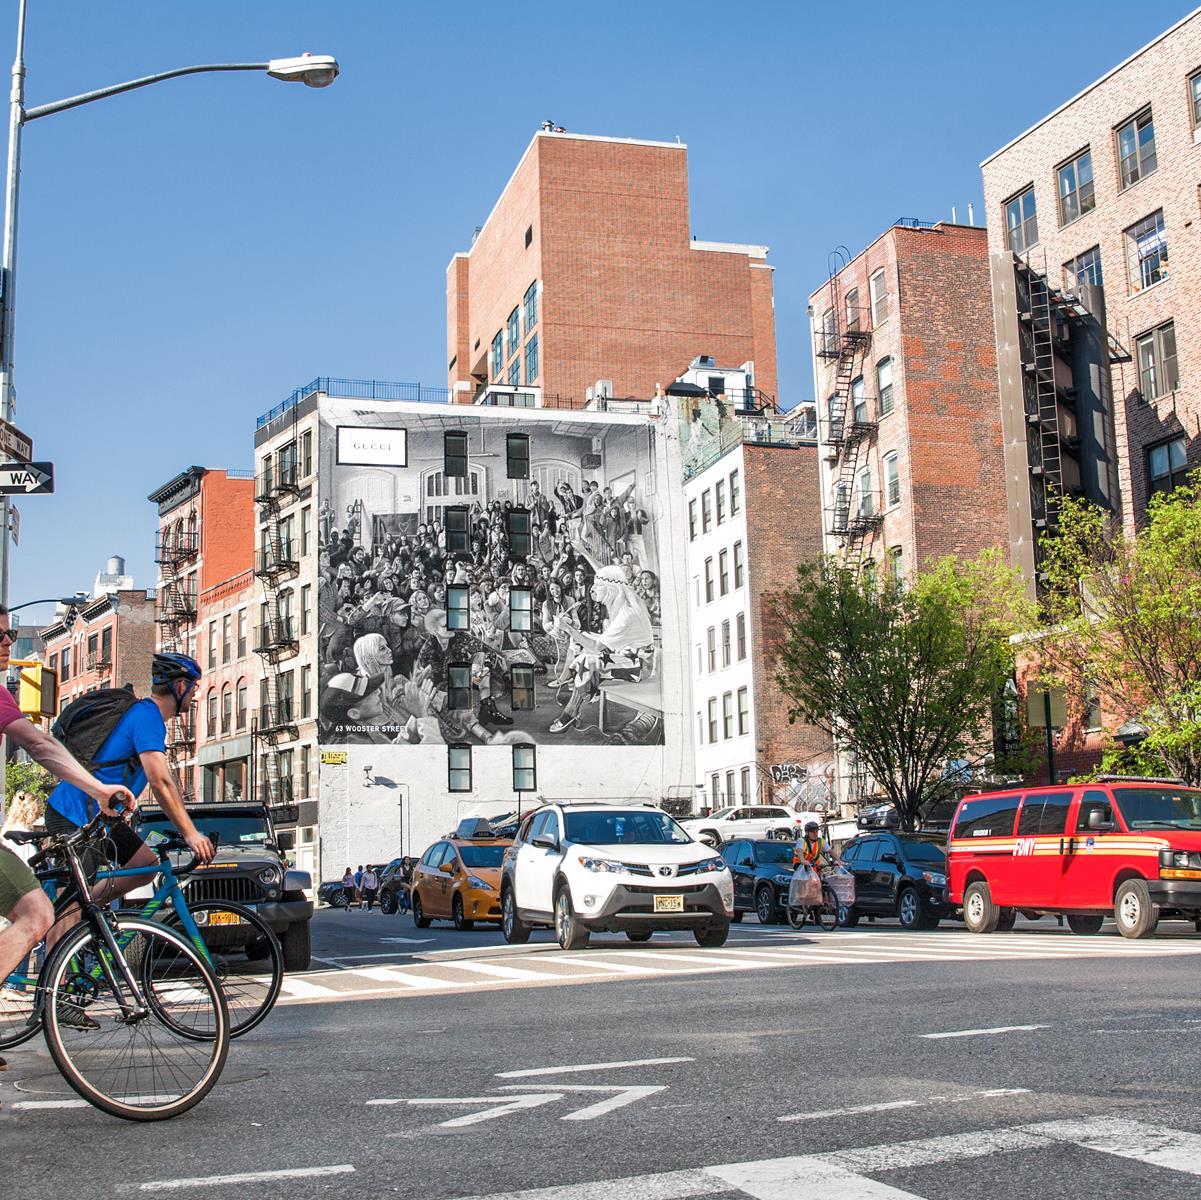 Gucci Art Wall NY_7_Courtesy of Chris Moran_Colossal Media